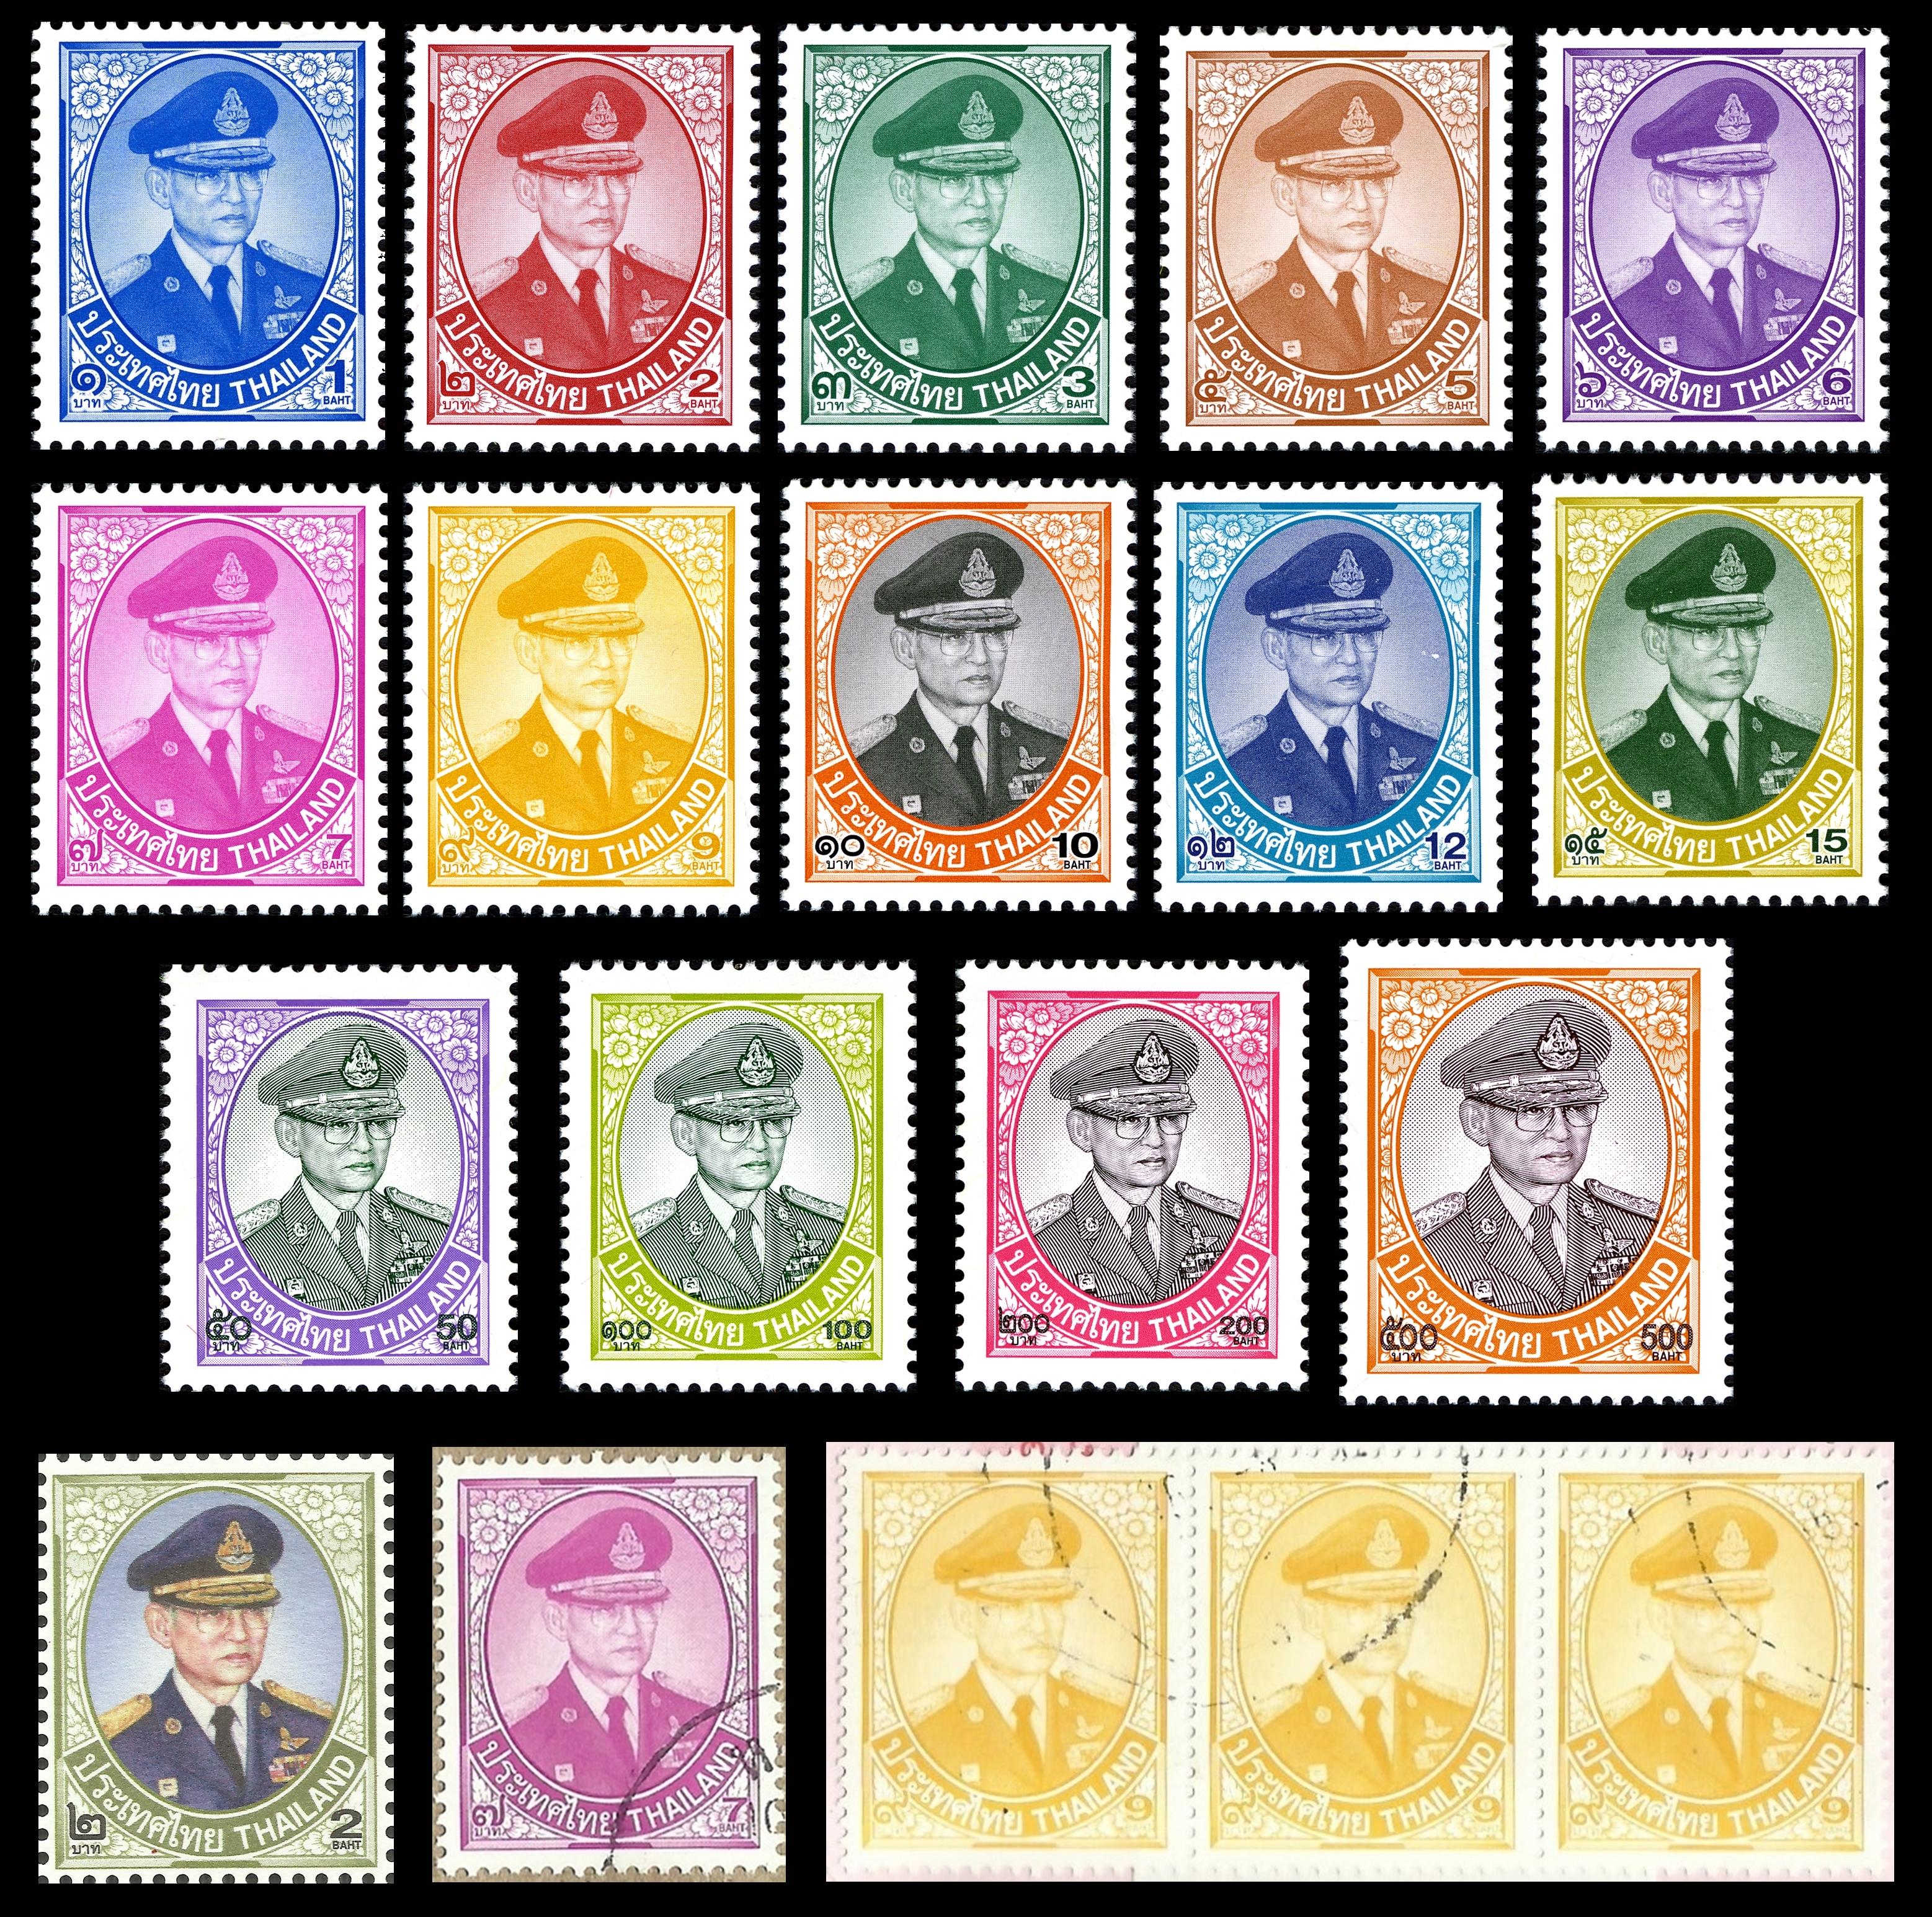 King Rama IX 10th Series (2010) Scott #2547-2560 + 2-baht postal card